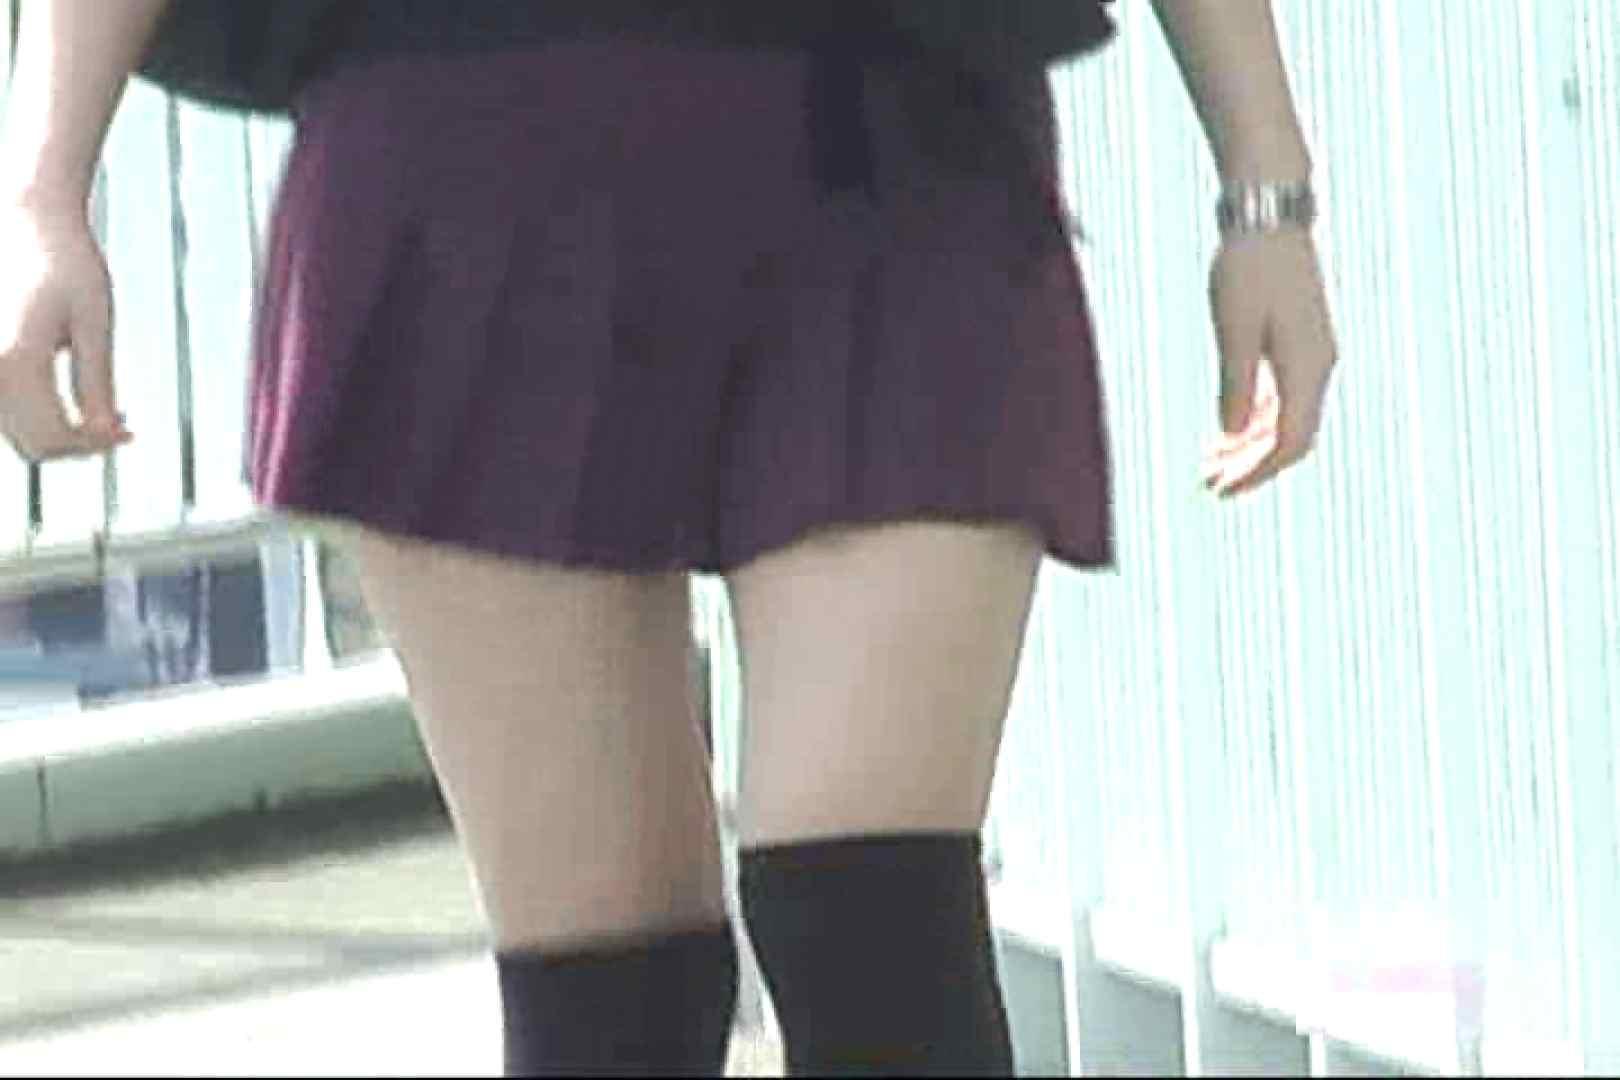 検証!隠し撮りスカートめくり!!Vol.2 ワルノリ  82画像 48